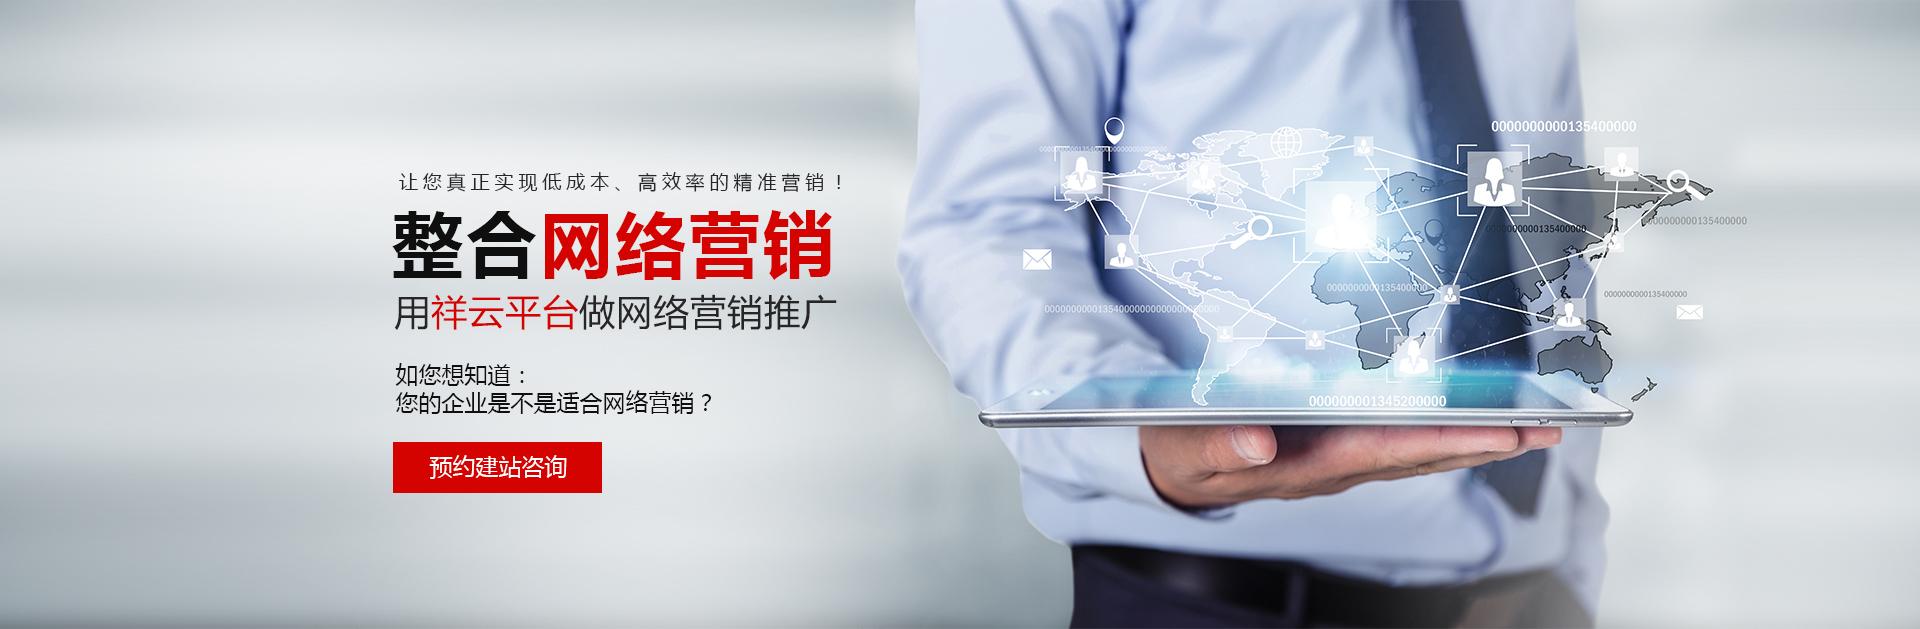 陕西时代数据信息科技有限公司